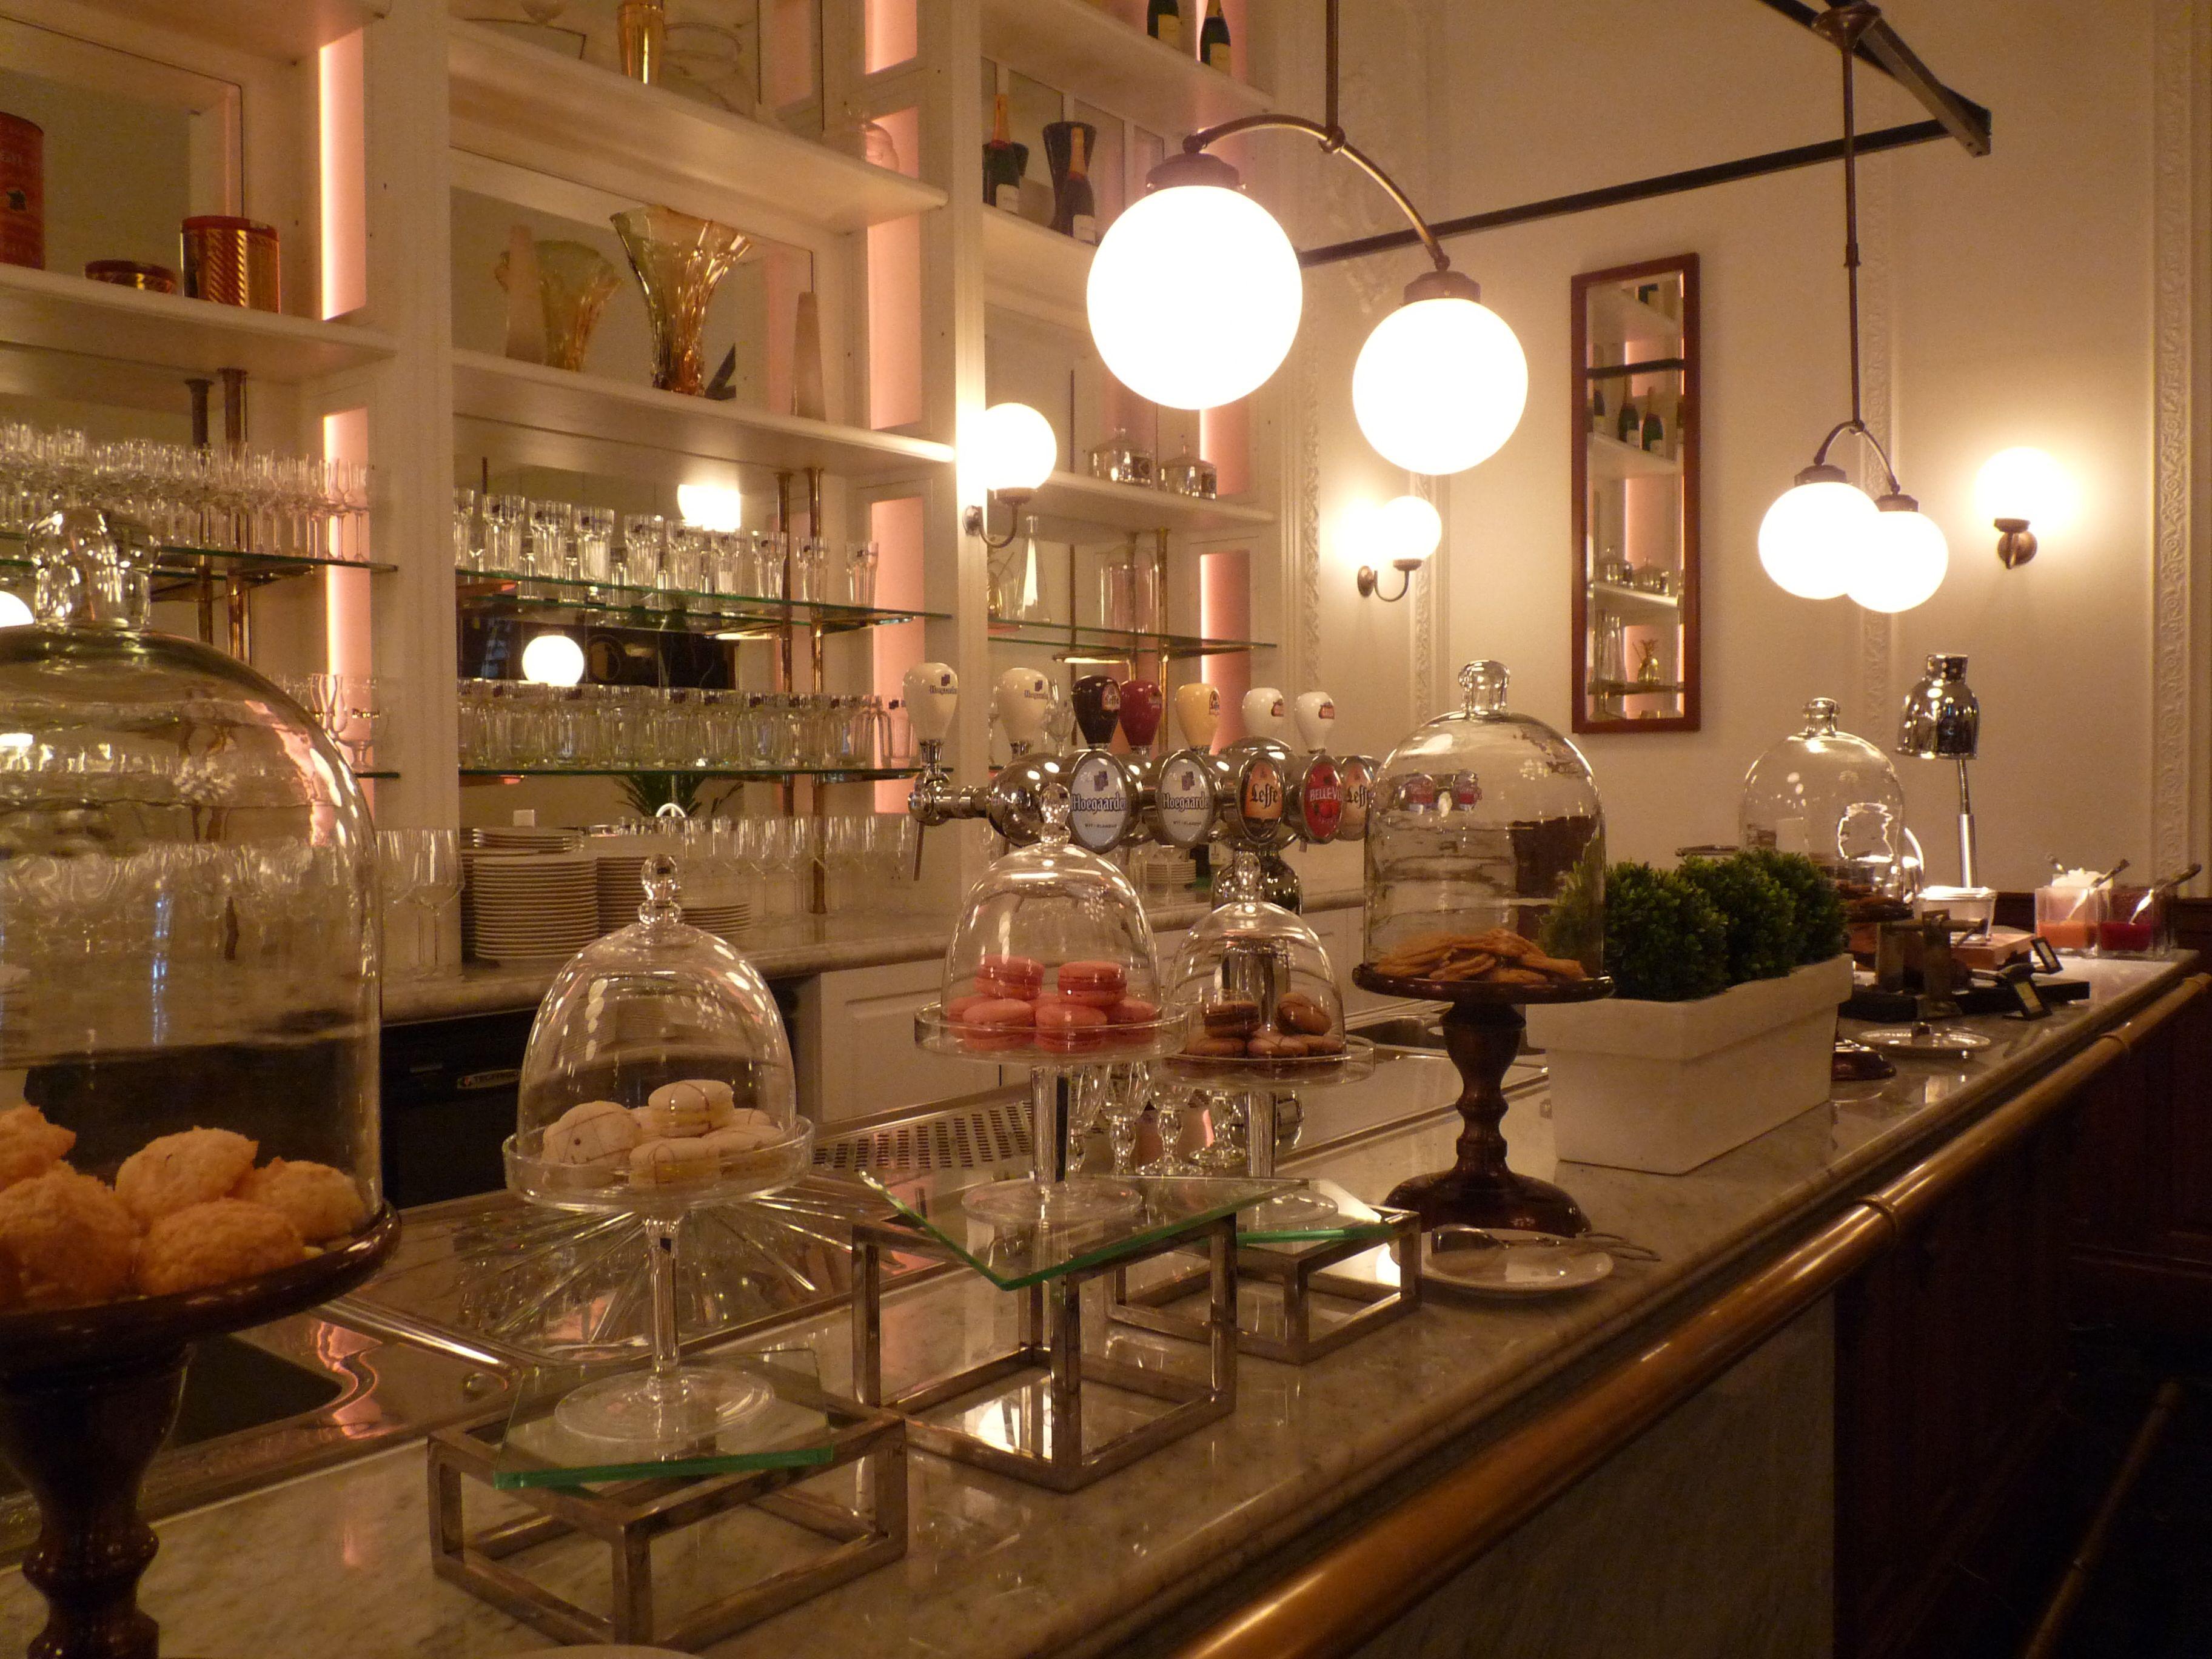 Cafe Belge